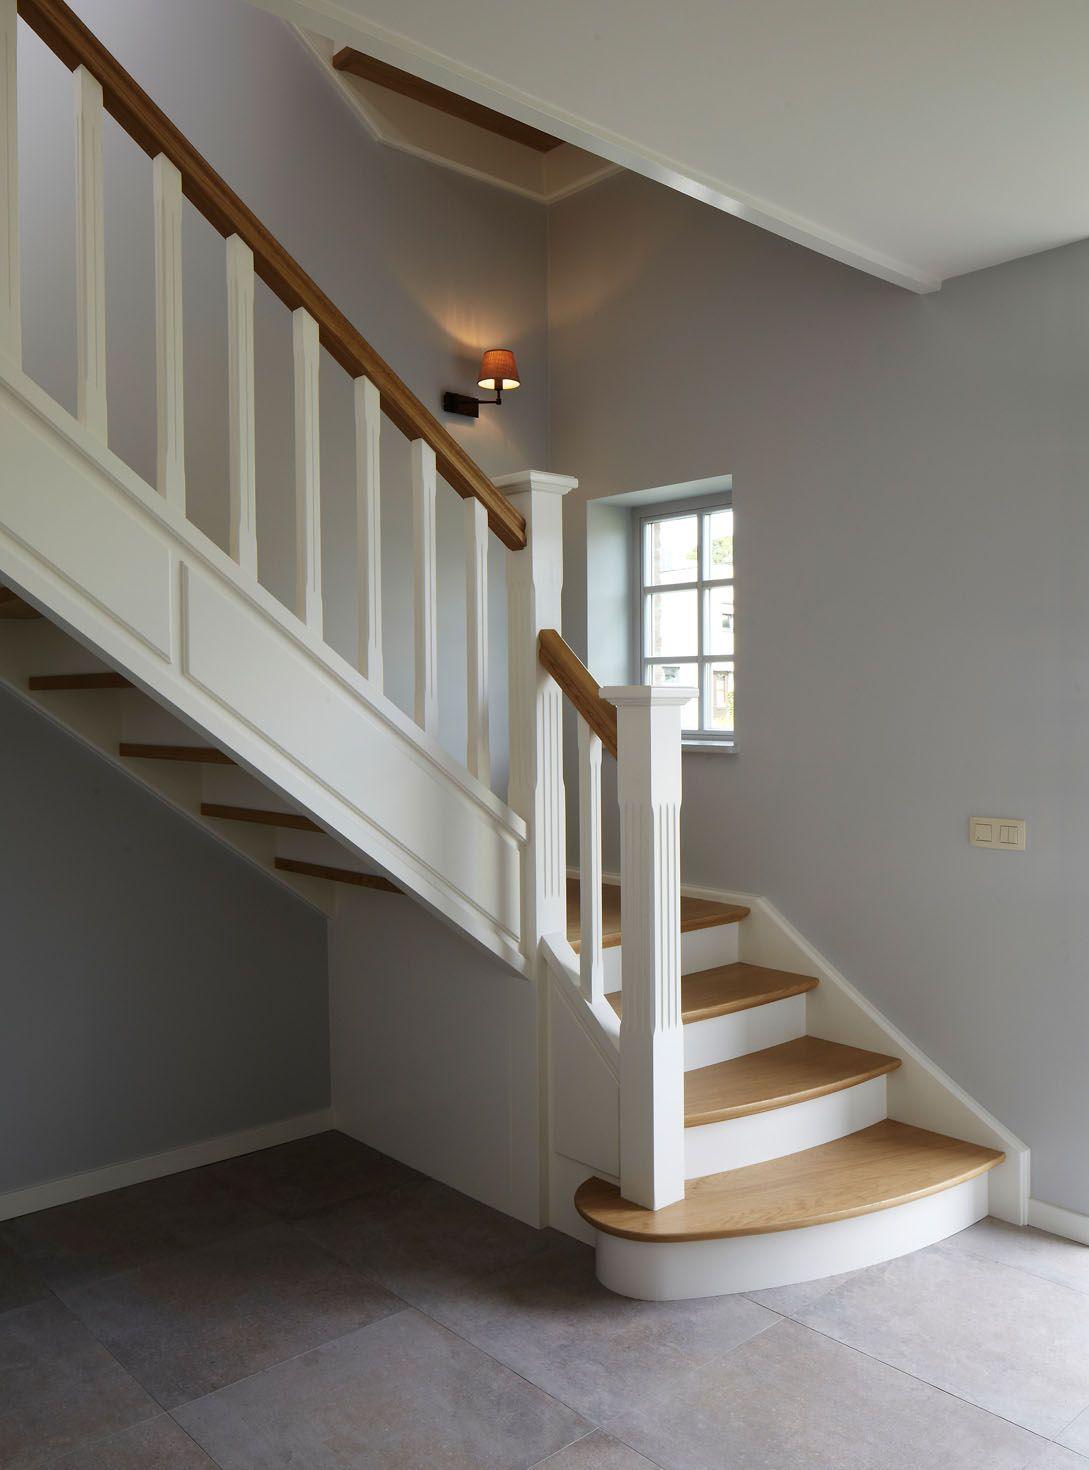 Landelijke trap landelijk wonen pinterest - Moderne trap kwartslag ...